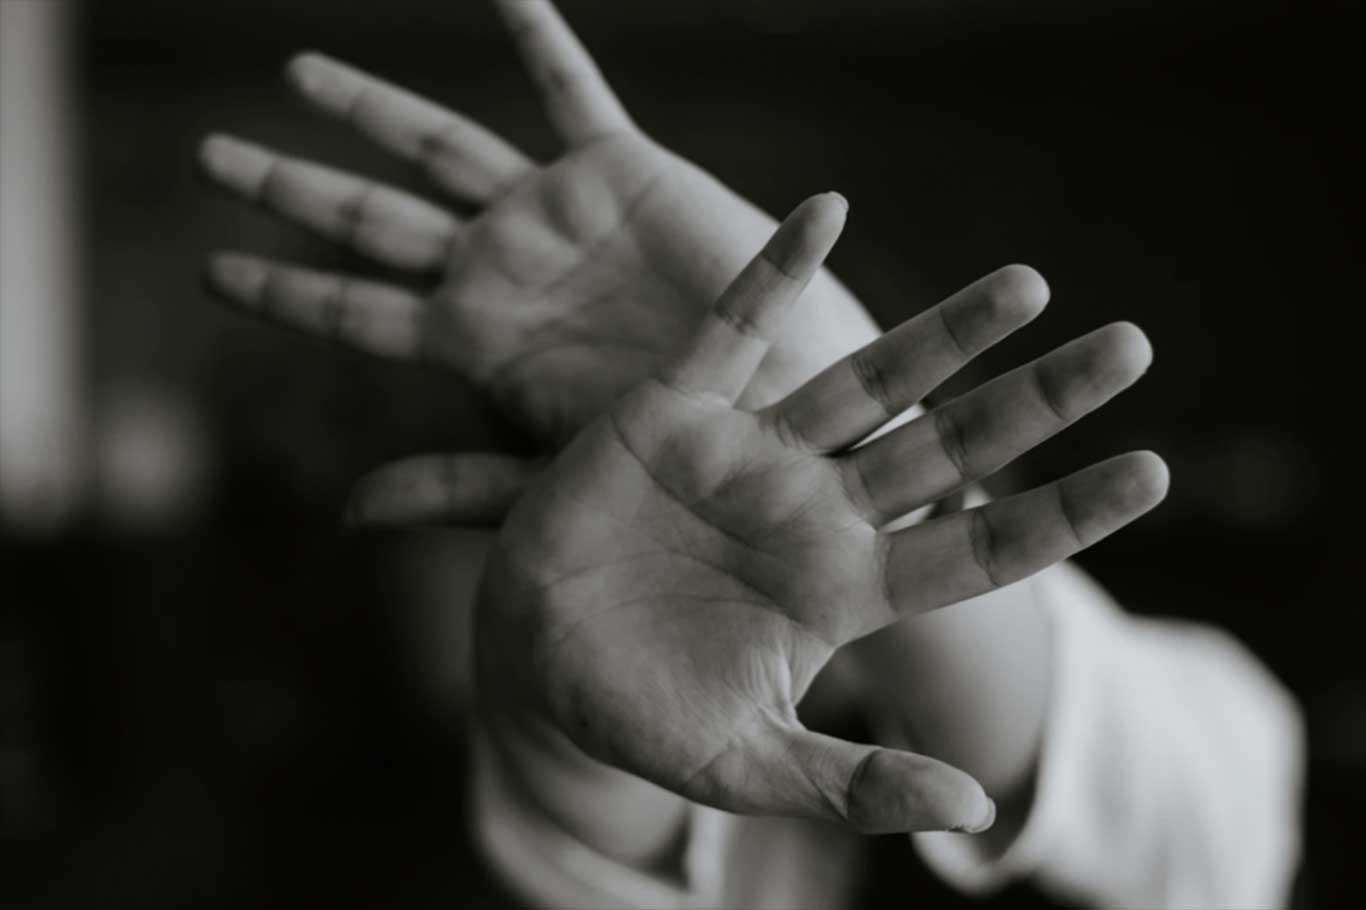 Artırılmış gerçeklik sayesinde bazı korkularınızdan kurtulun.